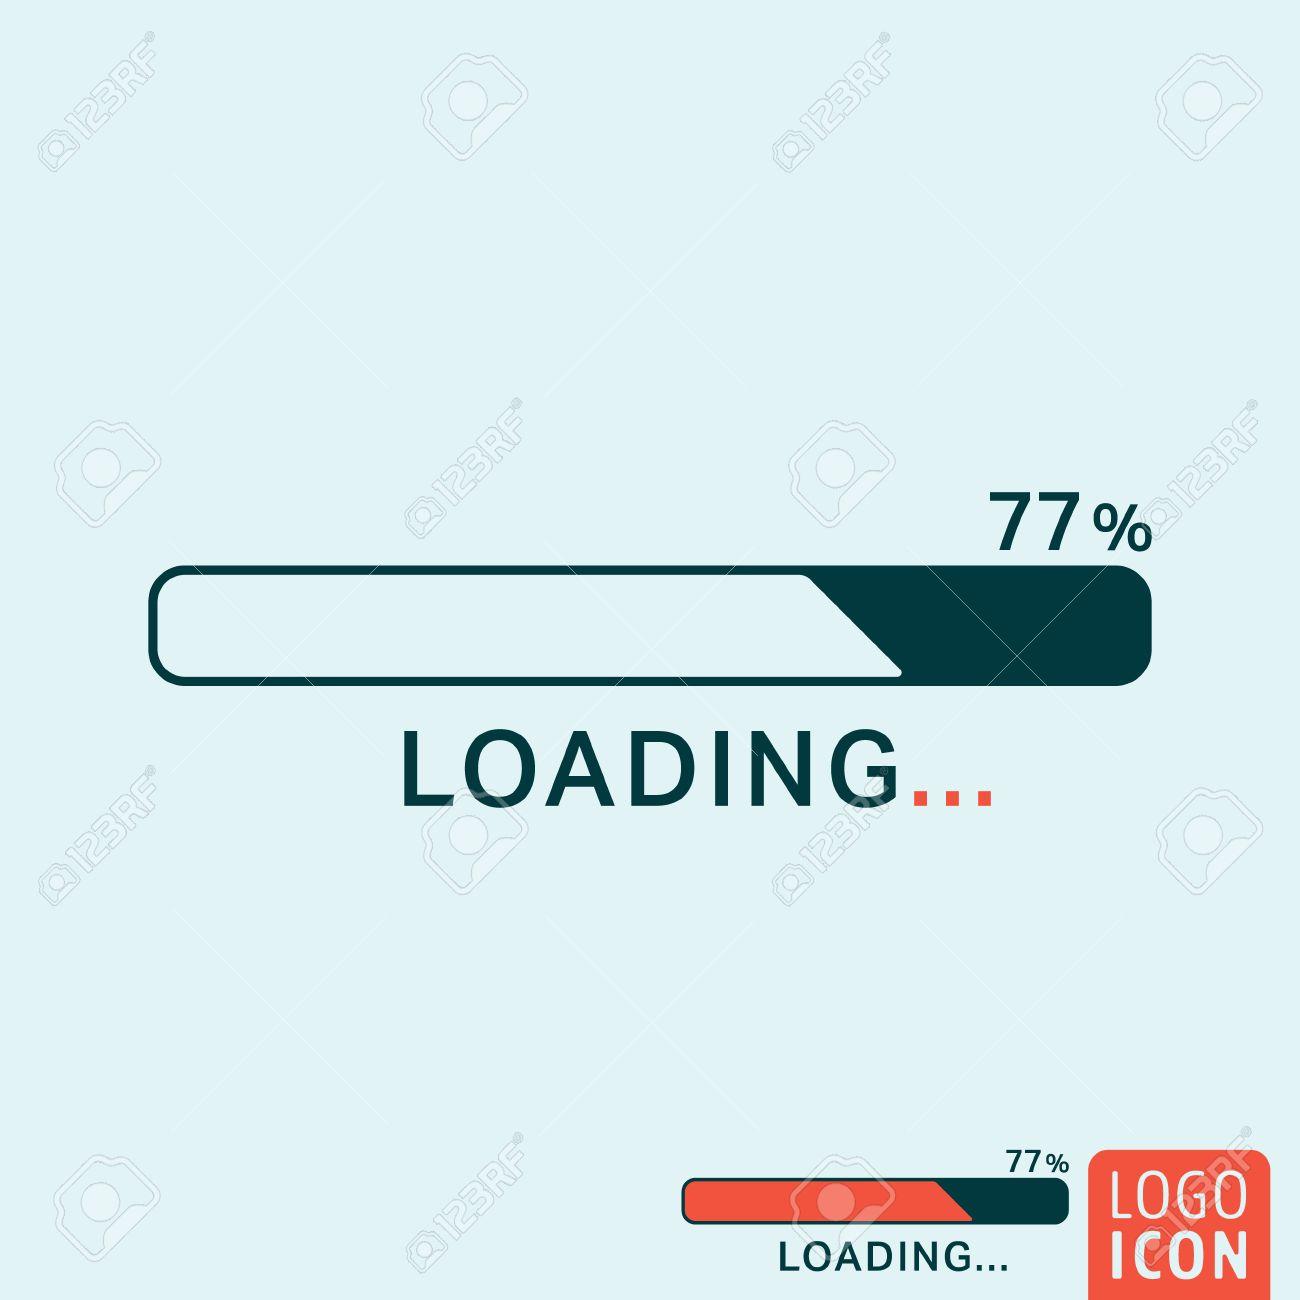 Loading icon. Loading logo. Loading symbol. Progress bar icon...